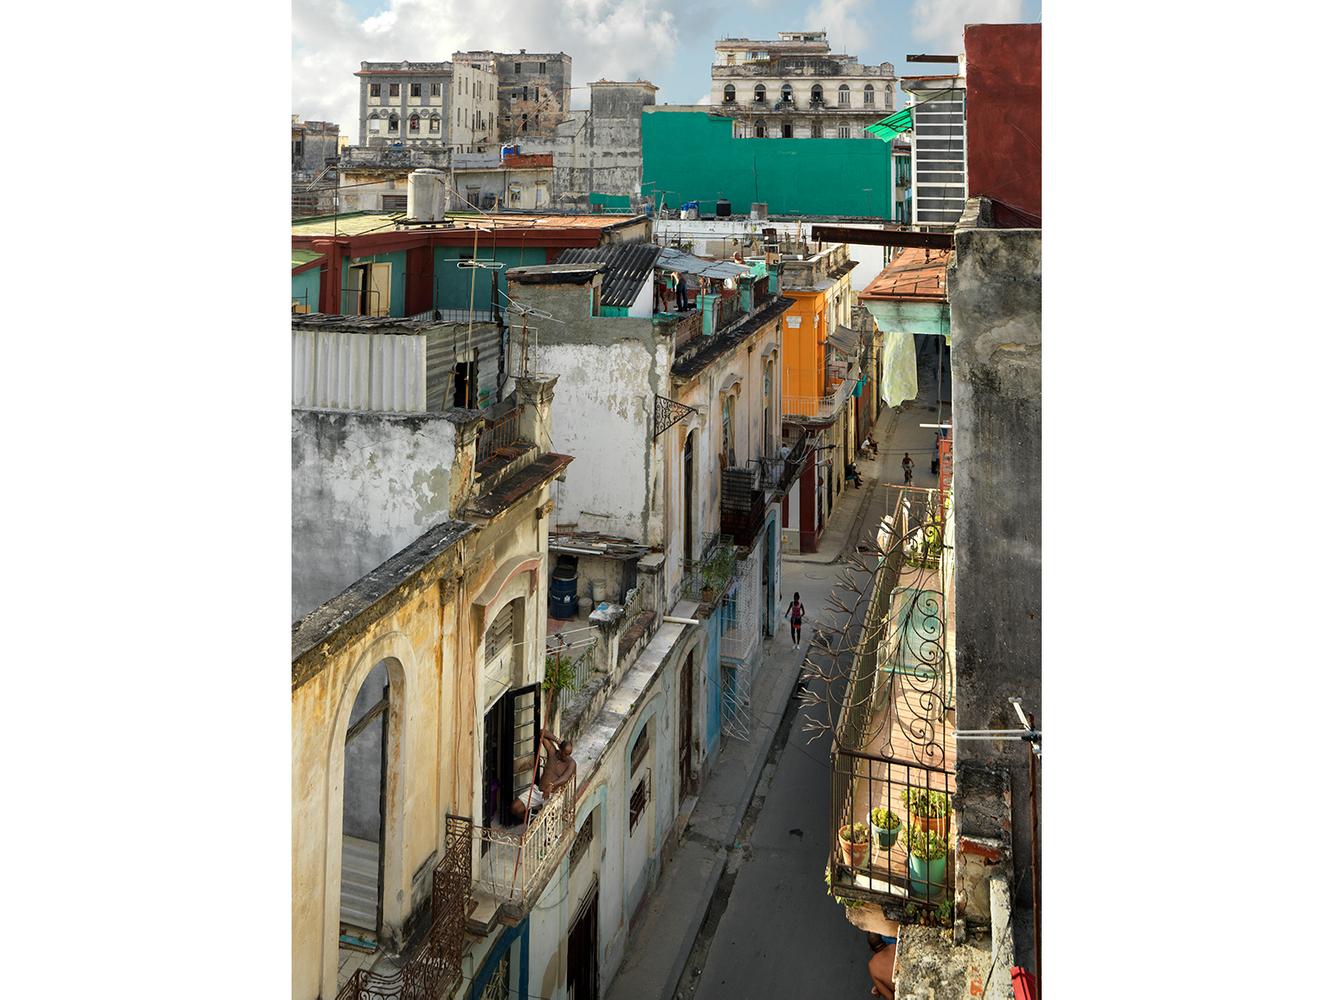 Man on the Balcony, Campanario Street, Centro Havana, Cuba 2016